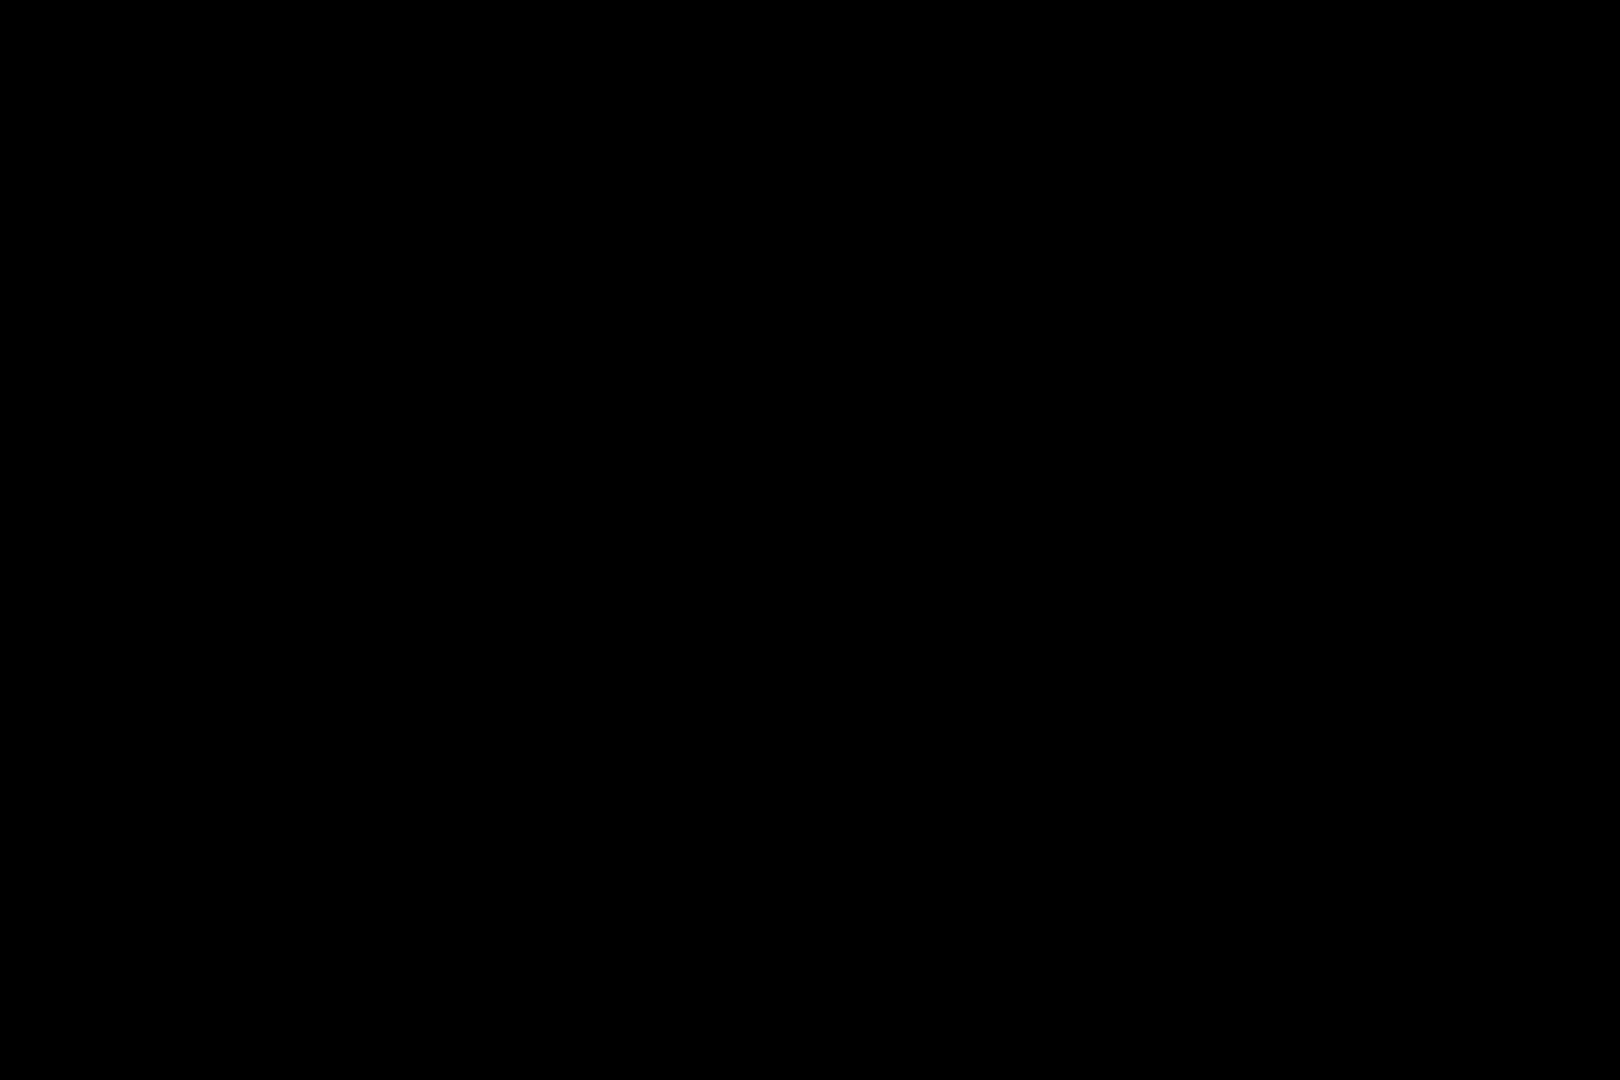 充血監督の深夜の運動会Vol.41 性欲 のぞき動画キャプチャ 96連発 6